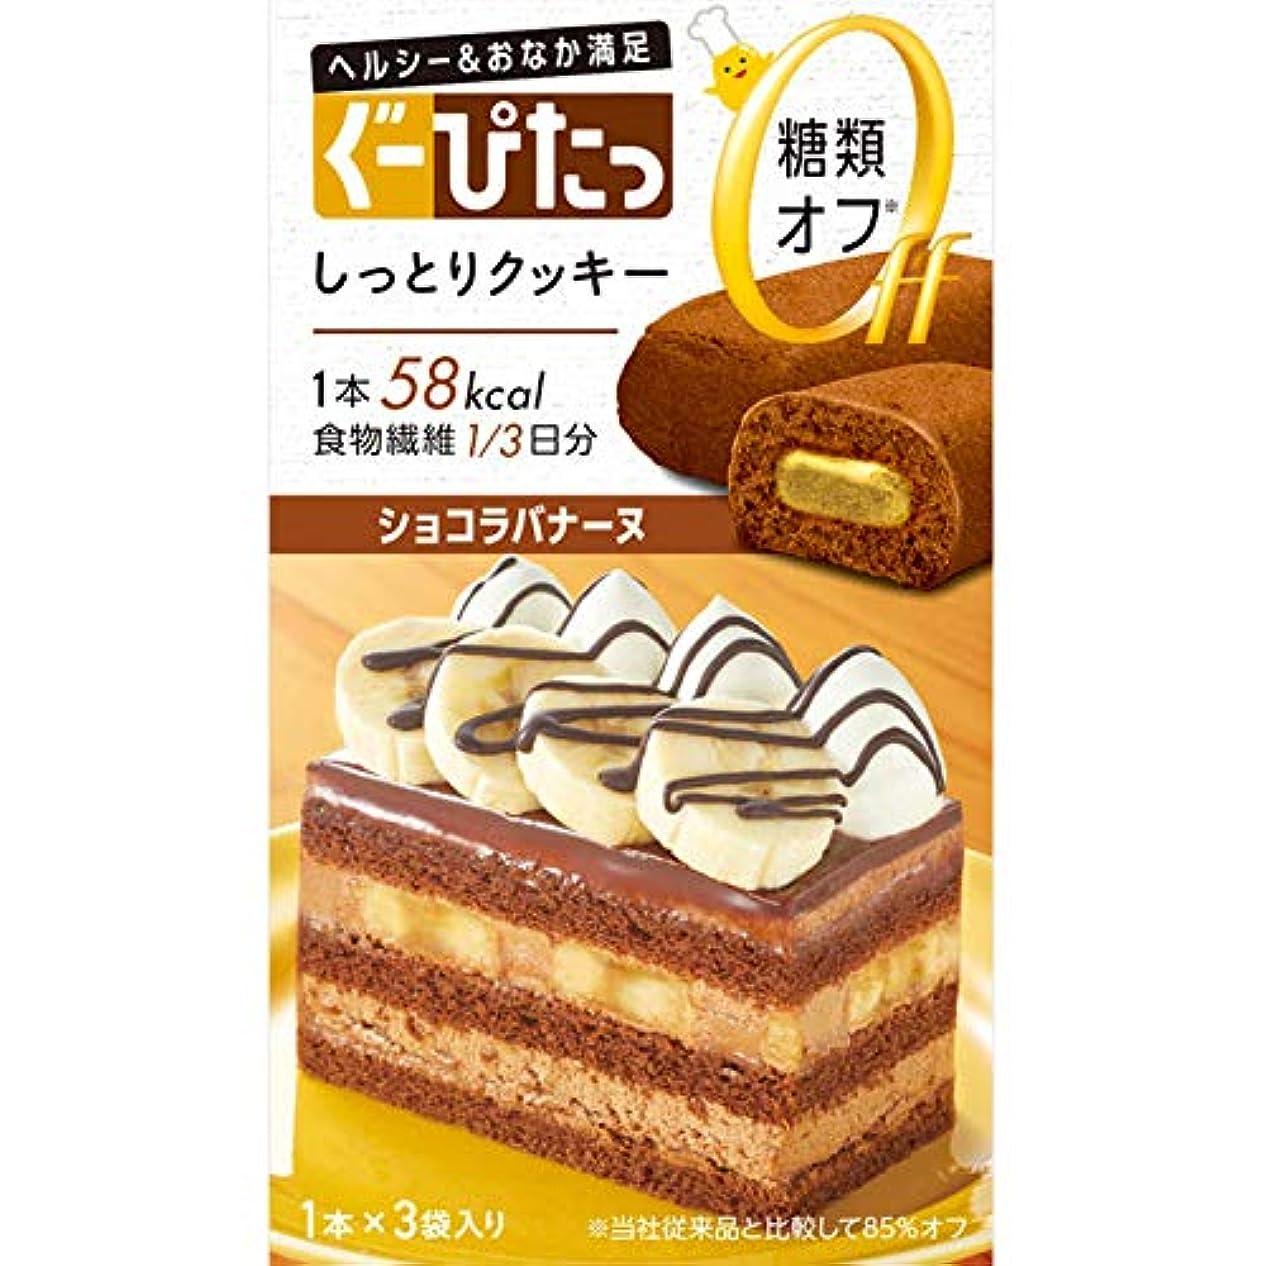 簿記係権威便益ナリスアップ ぐーぴたっ しっとりクッキー ショコラバナーヌ (3本) ダイエット食品